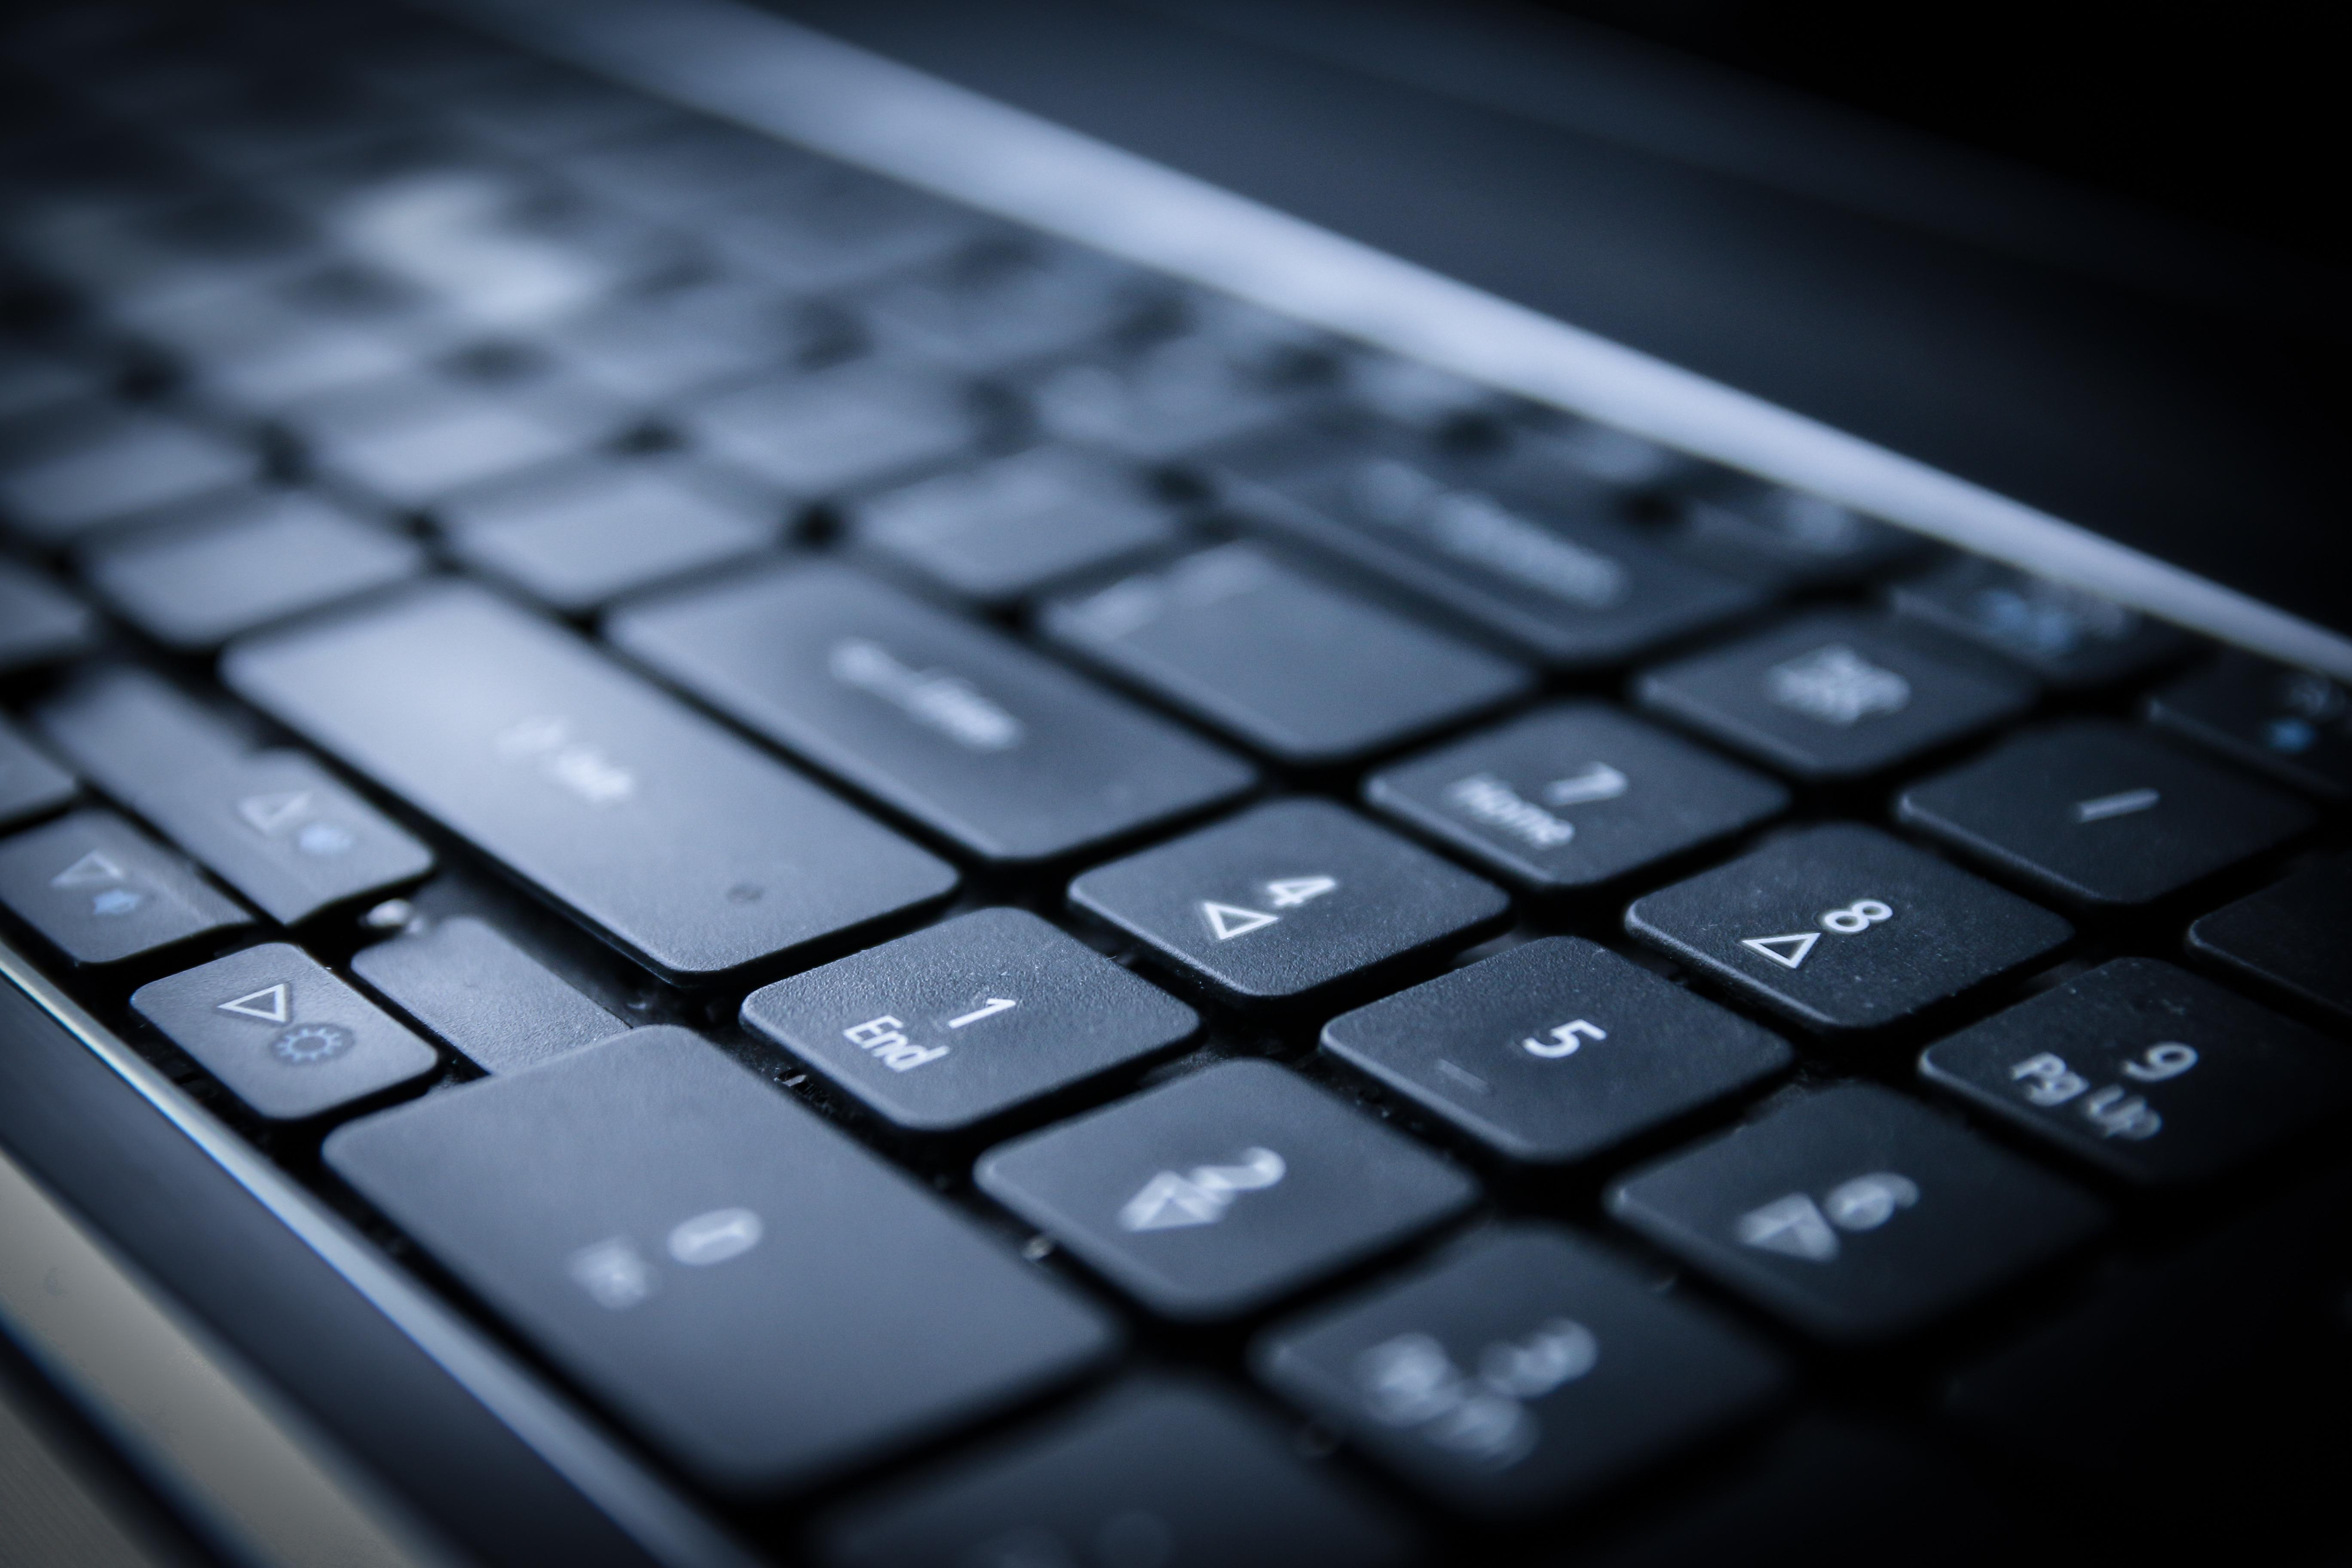 крупным планом клавиатура английский русский